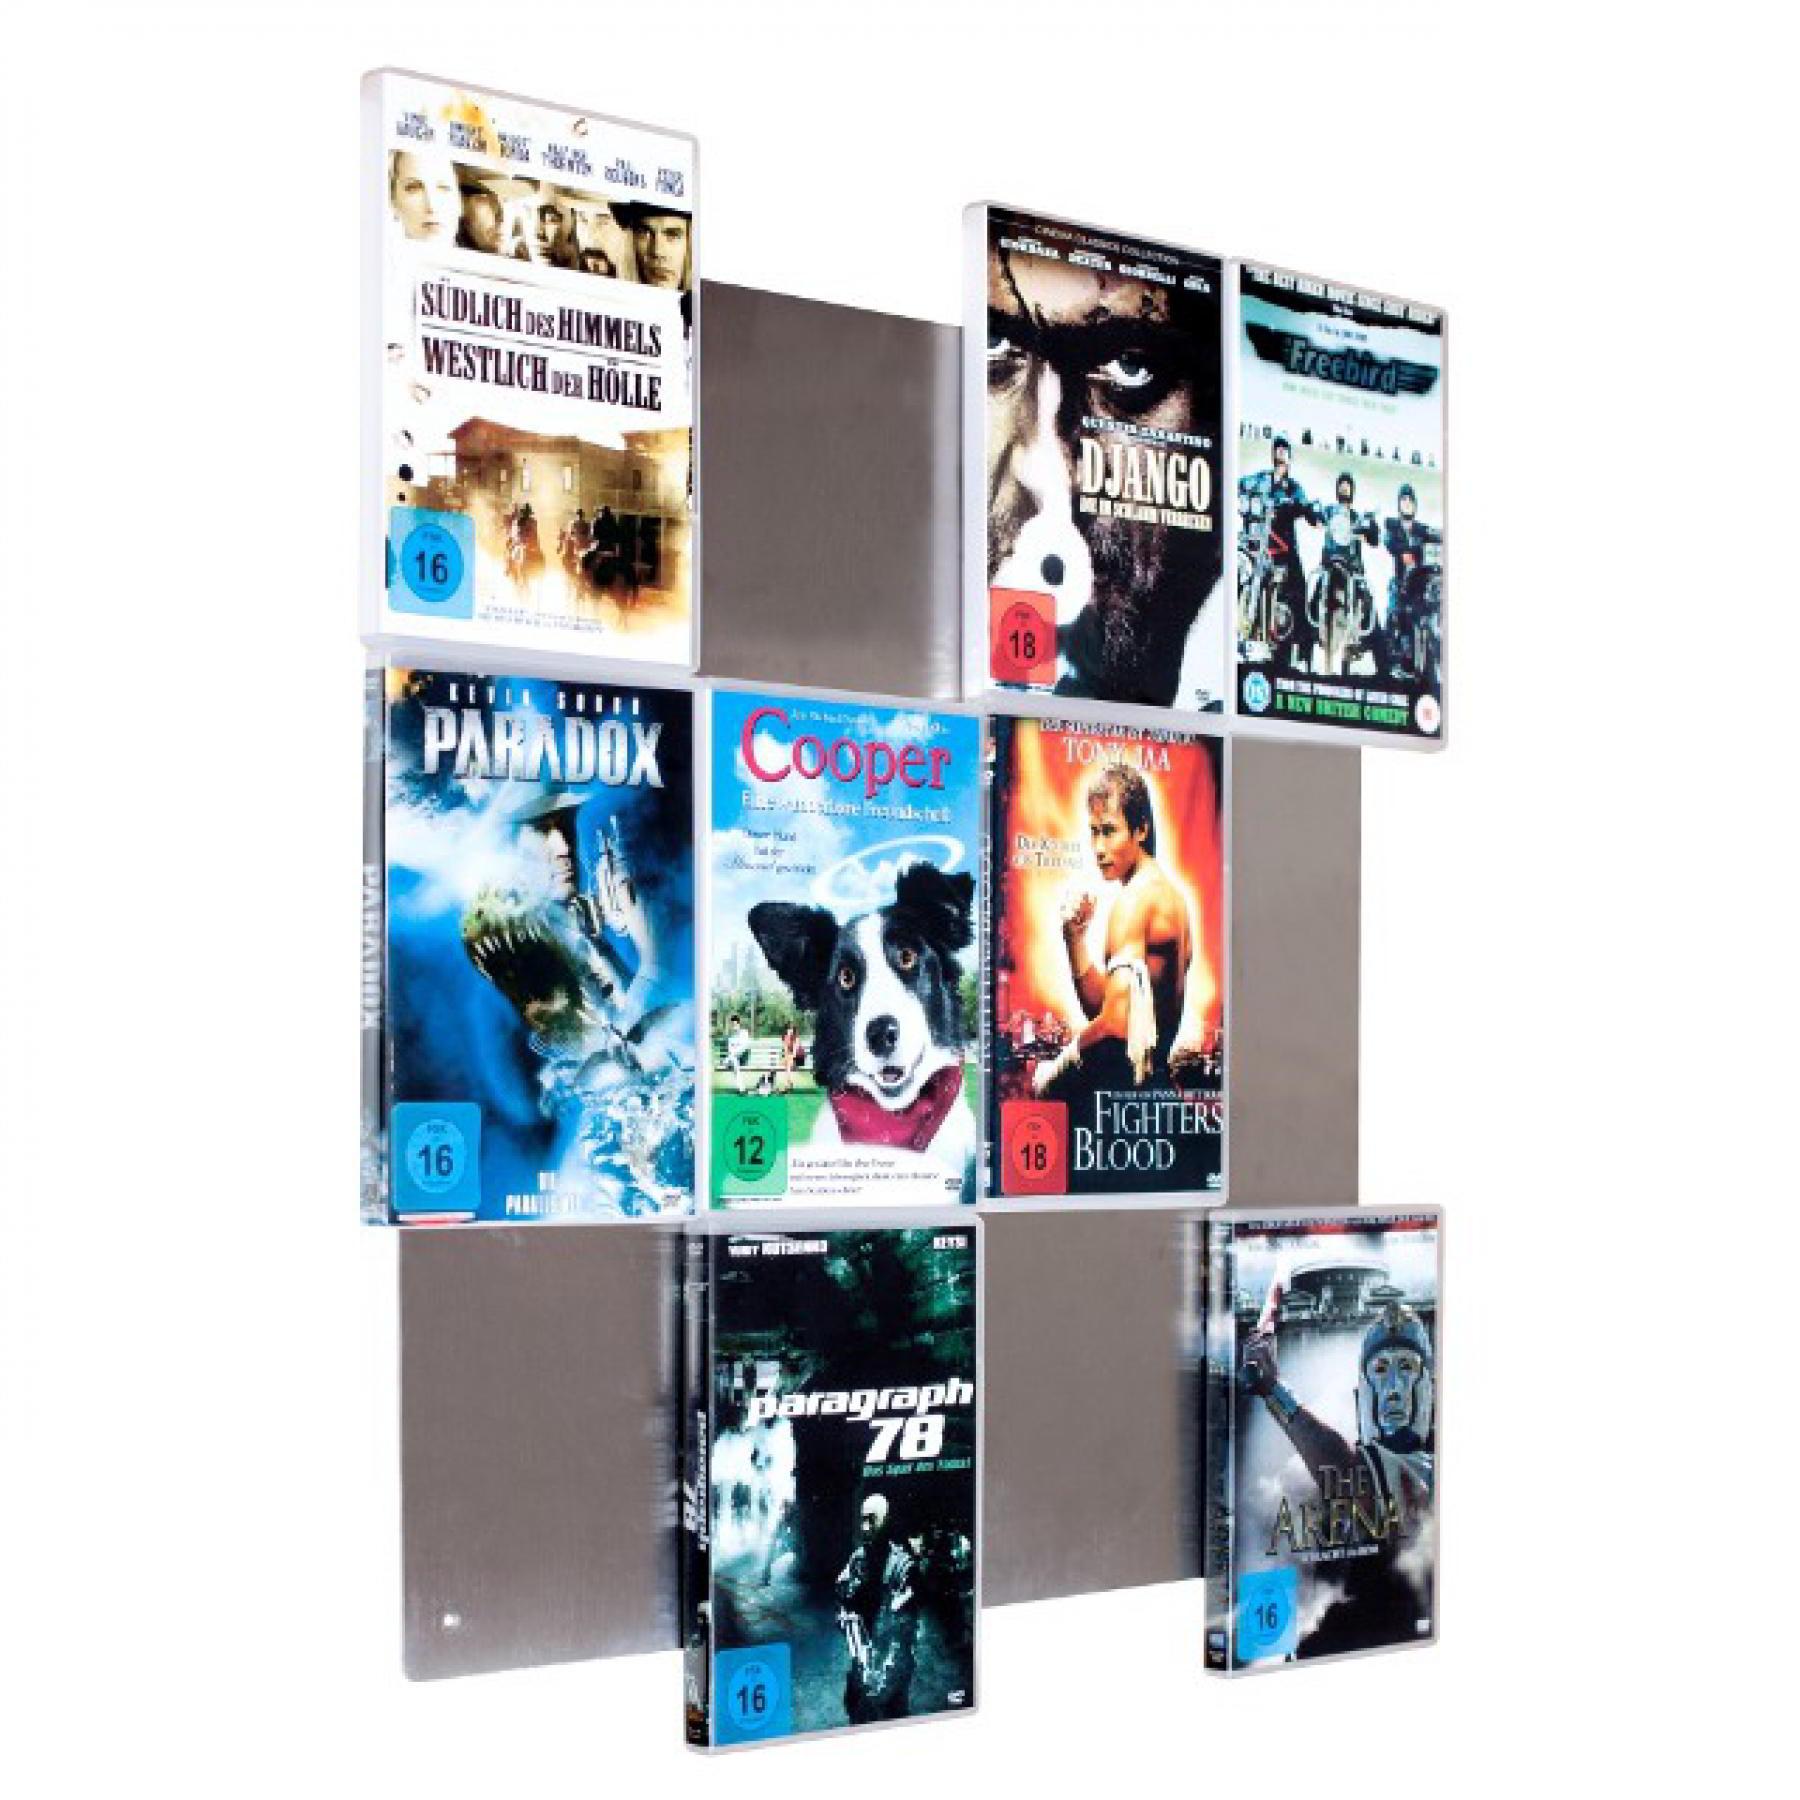 cd wall das dvd wall4x3 wandregal viel mehr als nur ein dvd regal eine dvd wand und ihren. Black Bedroom Furniture Sets. Home Design Ideas